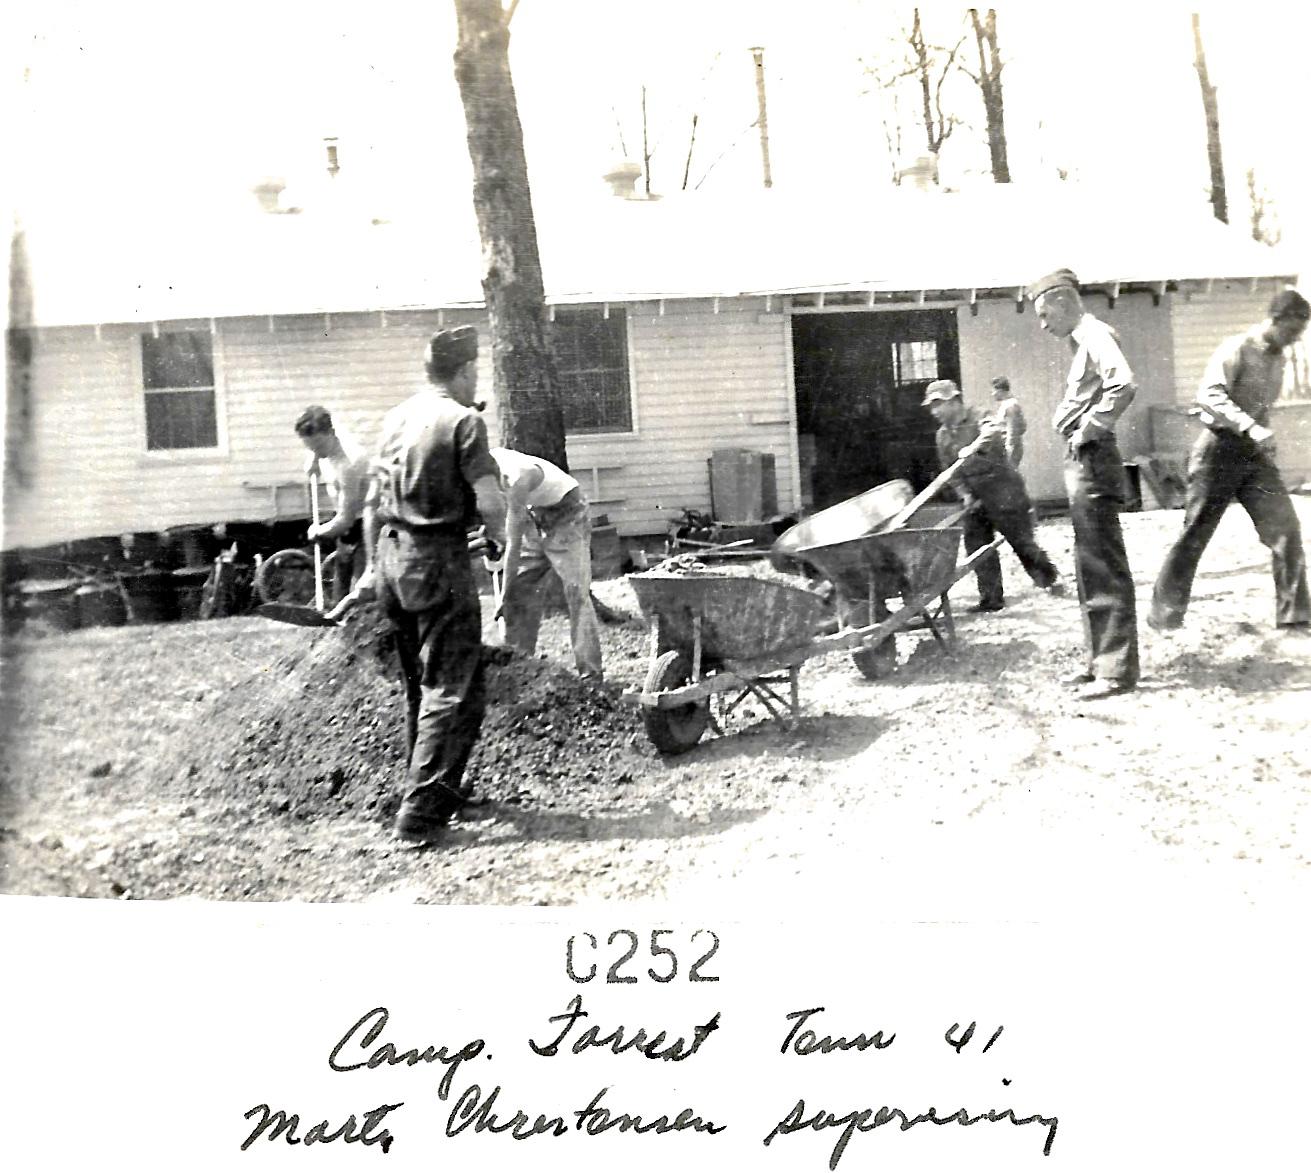 1941 Marty Christensen supervising, Camp Forrest Tenn 1941